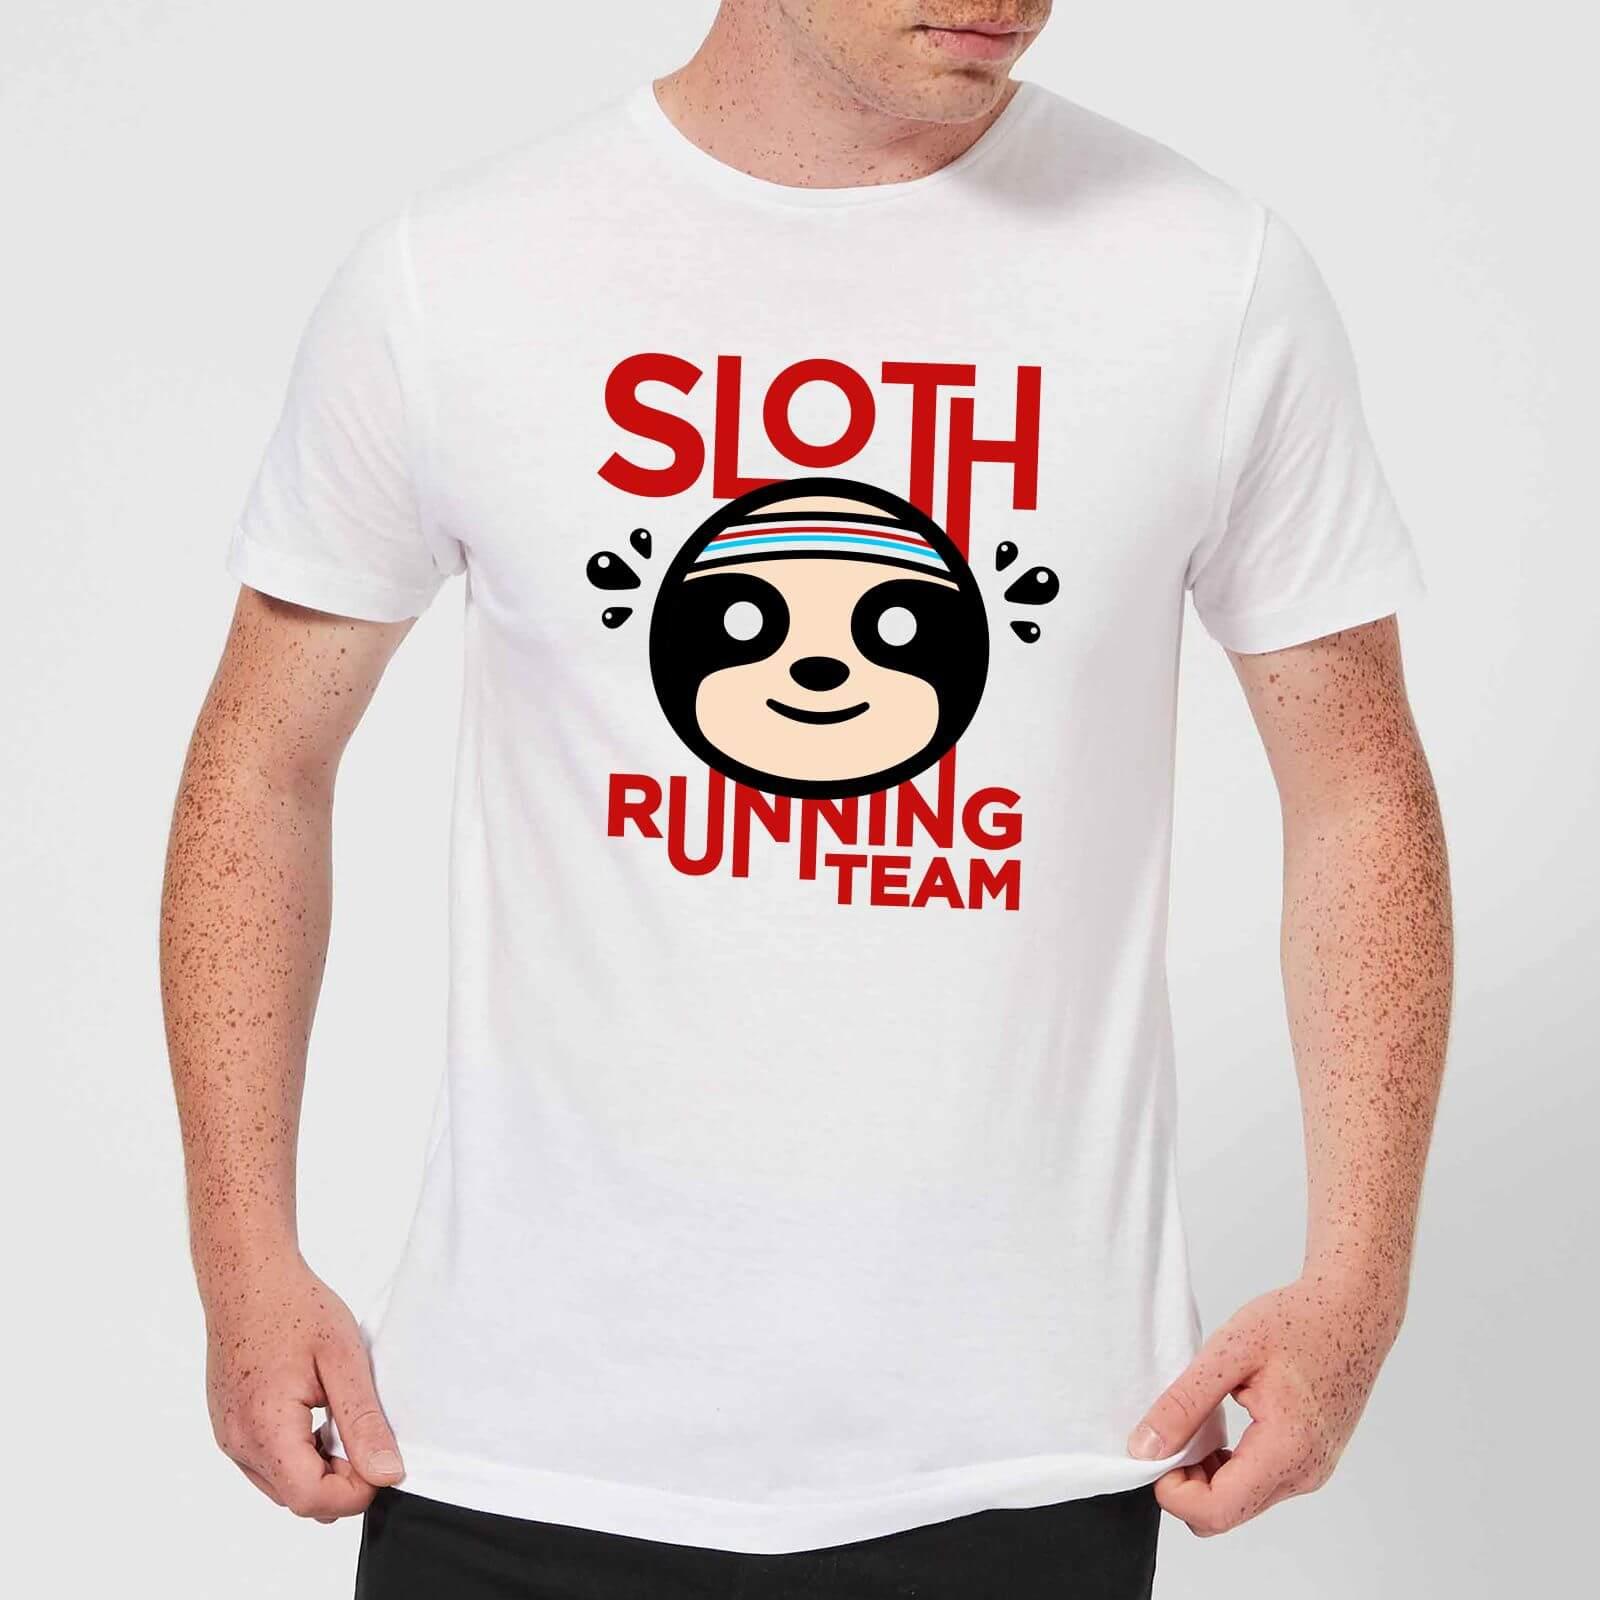 31544c963 Sloth Running Team T-Shirt - White | IWOOT